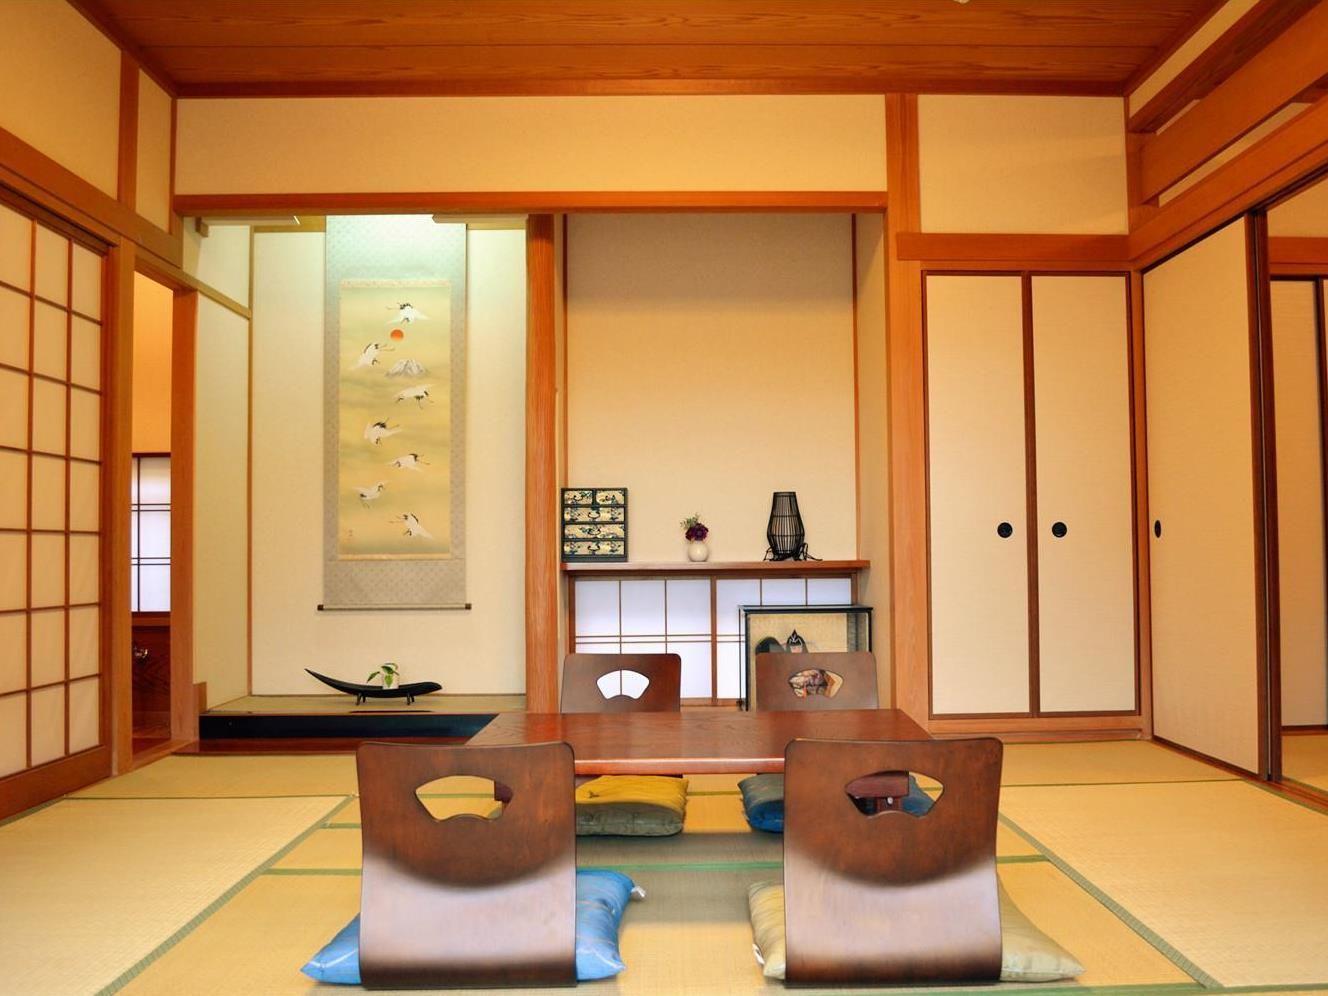 Nara Yoshii Ryokan Nara, Japan